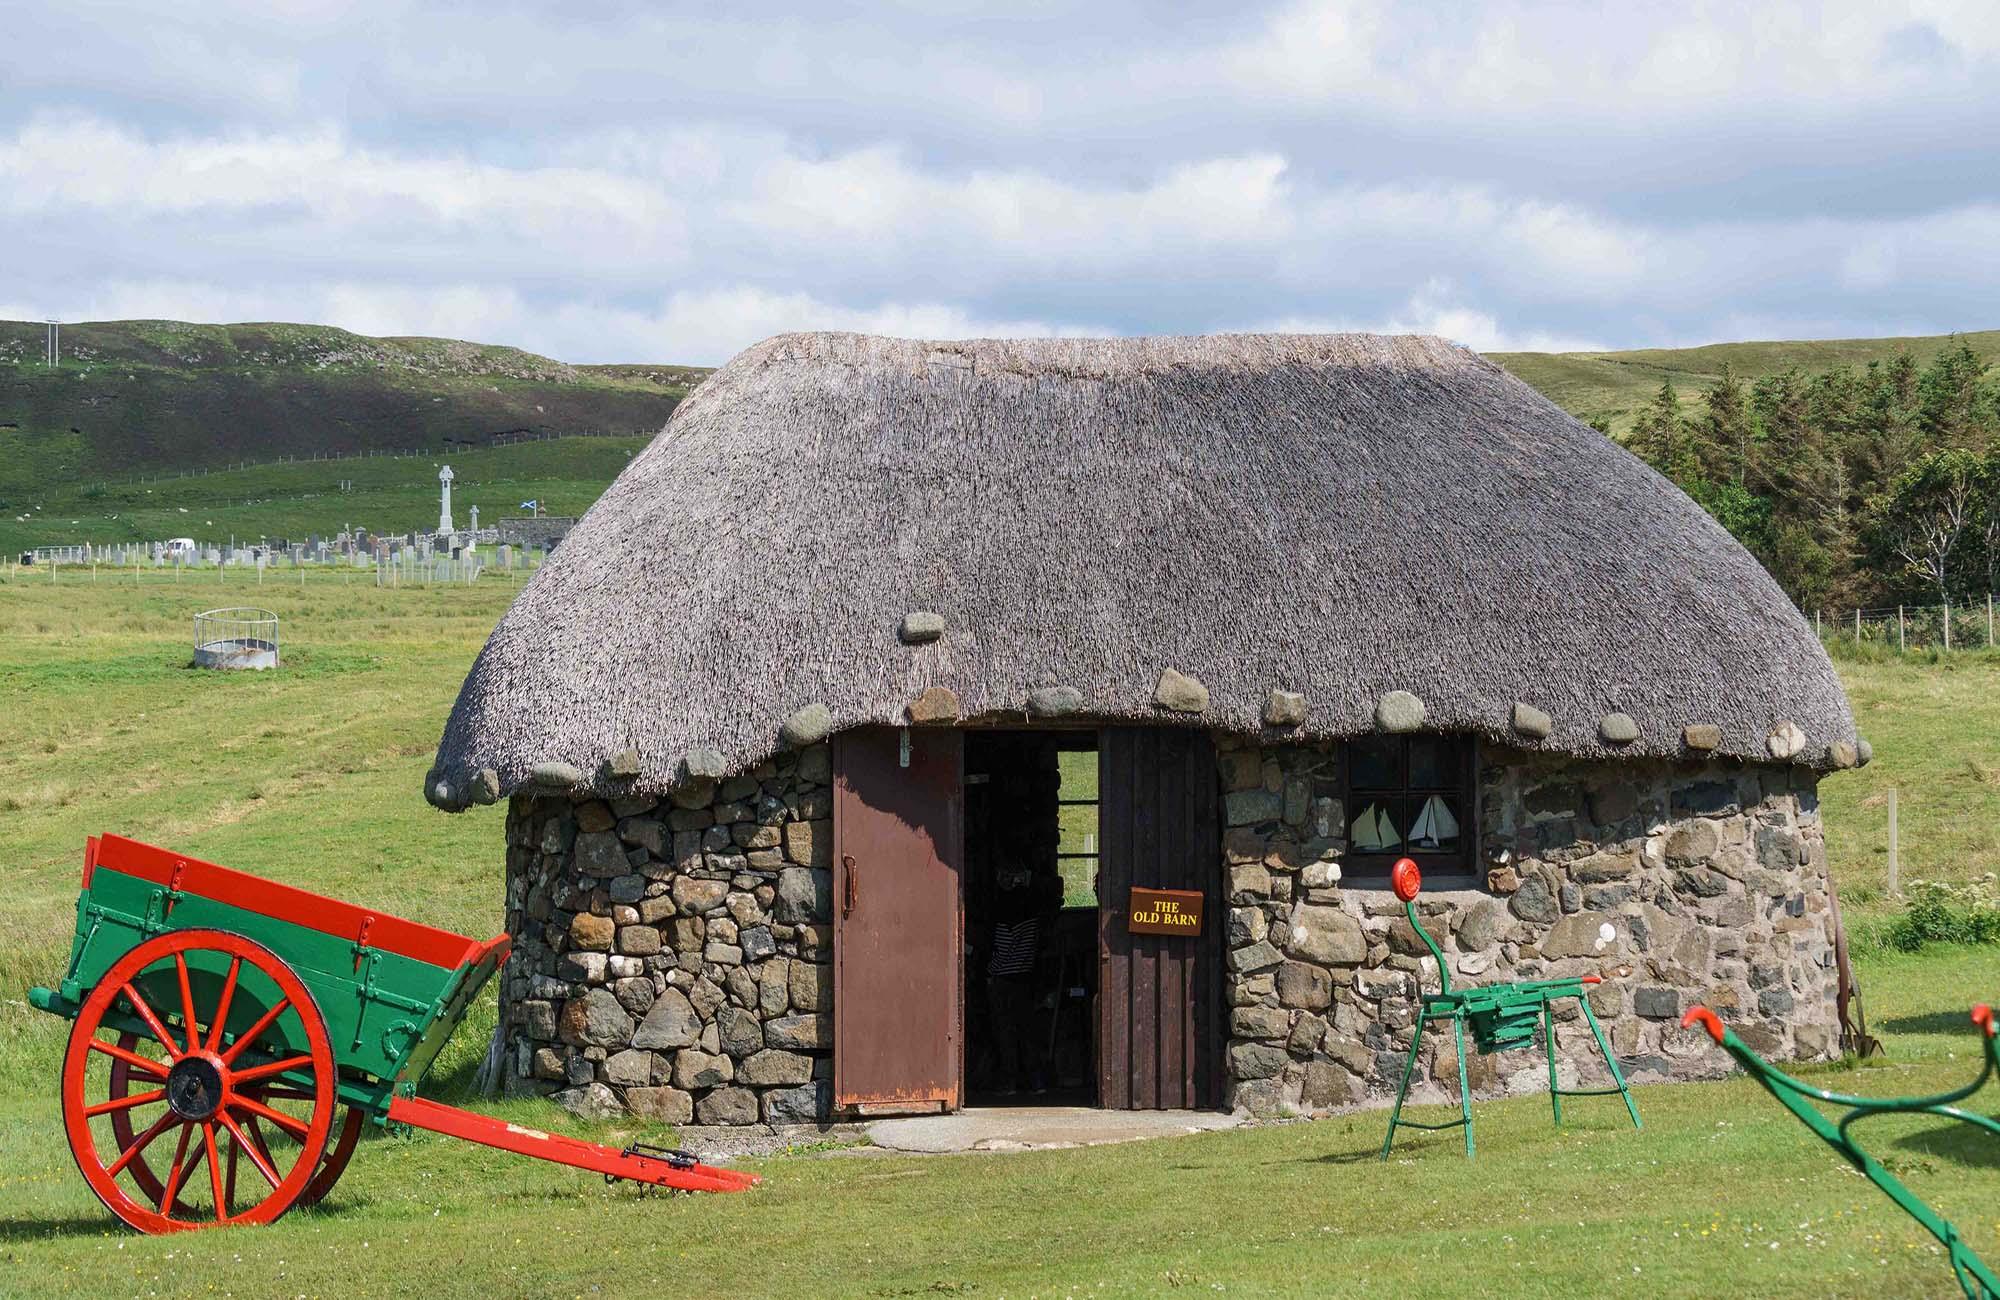 Музей островной жизни Скай на острове Скай в Шотландии